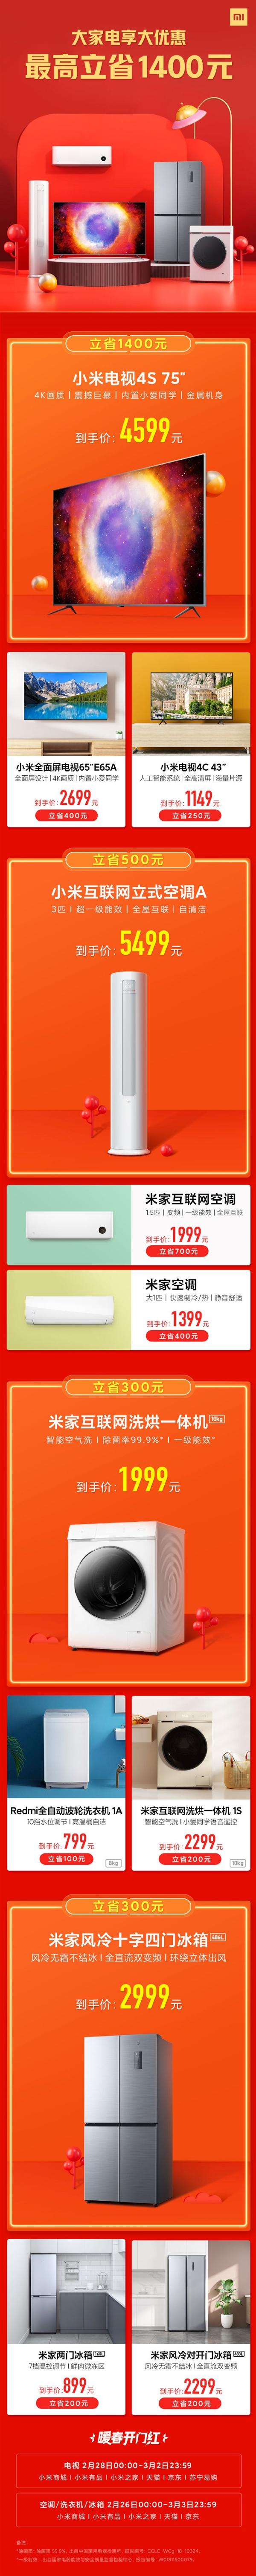 小米暖春开门红:电视、空调、洗衣机、冰箱统统降价